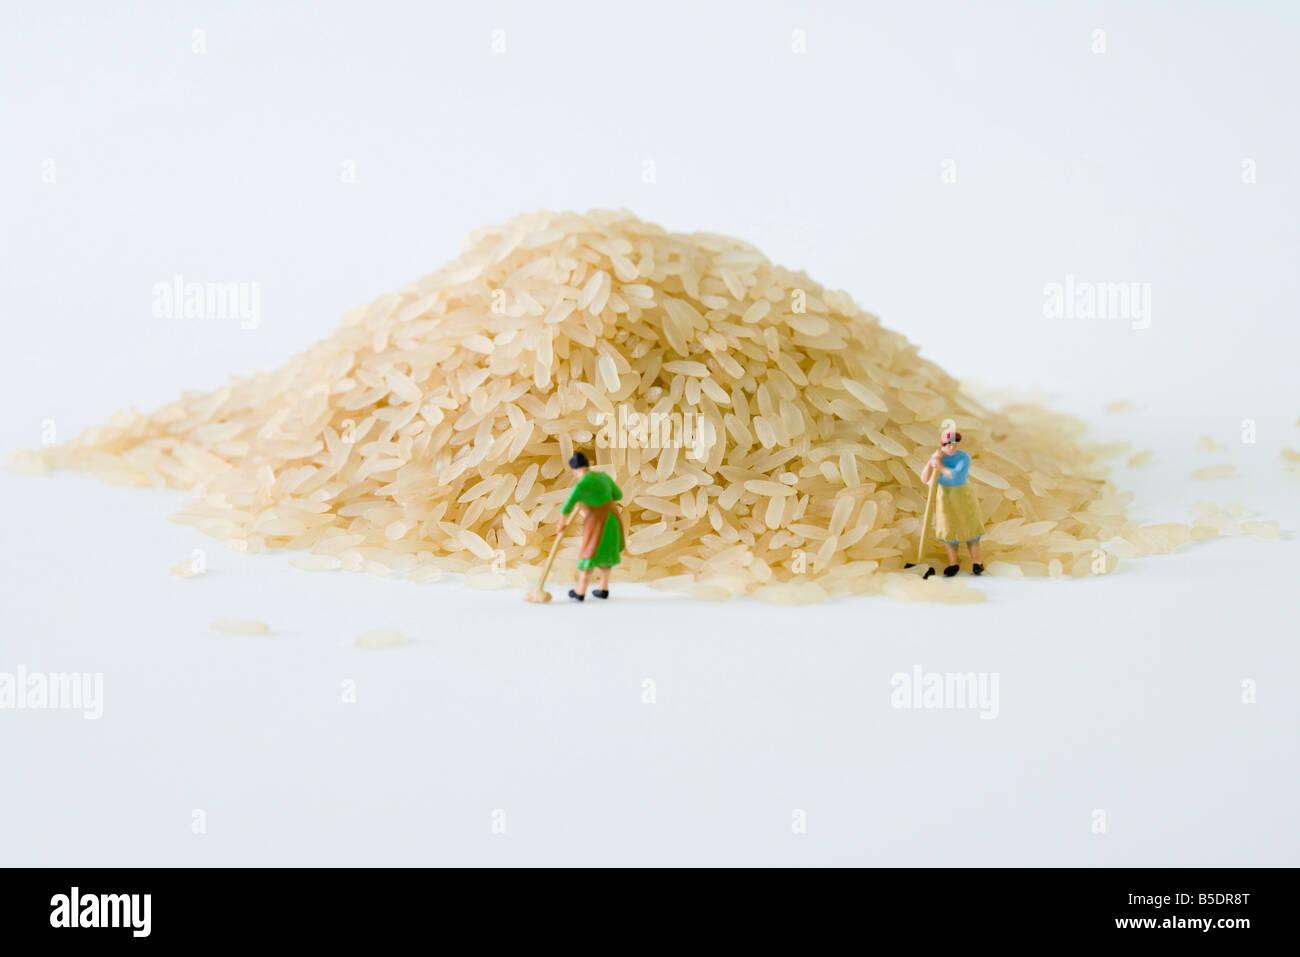 Mujeres en miniatura barriendo gran montón de arroz Imagen De Stock